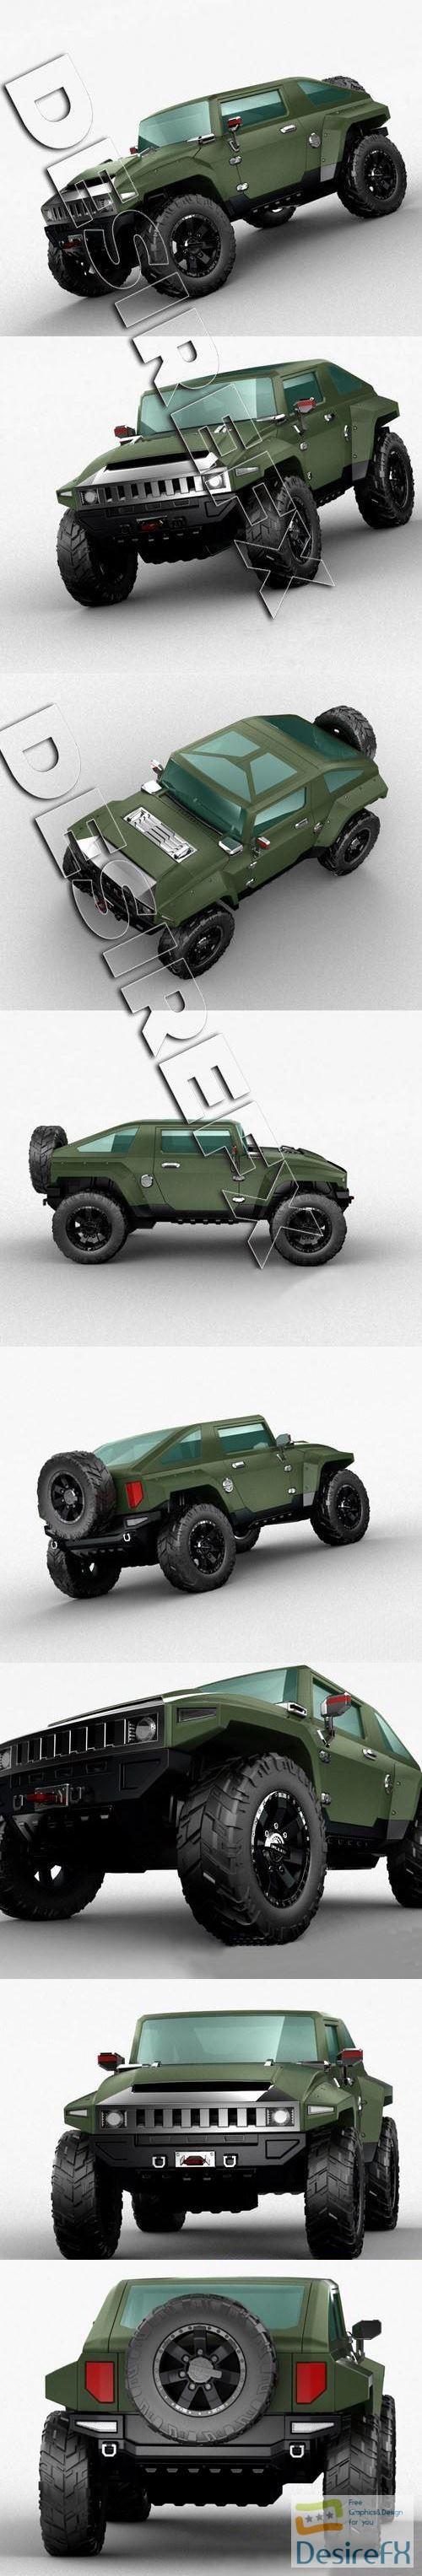 3d-models - Hummer HX 3D Model